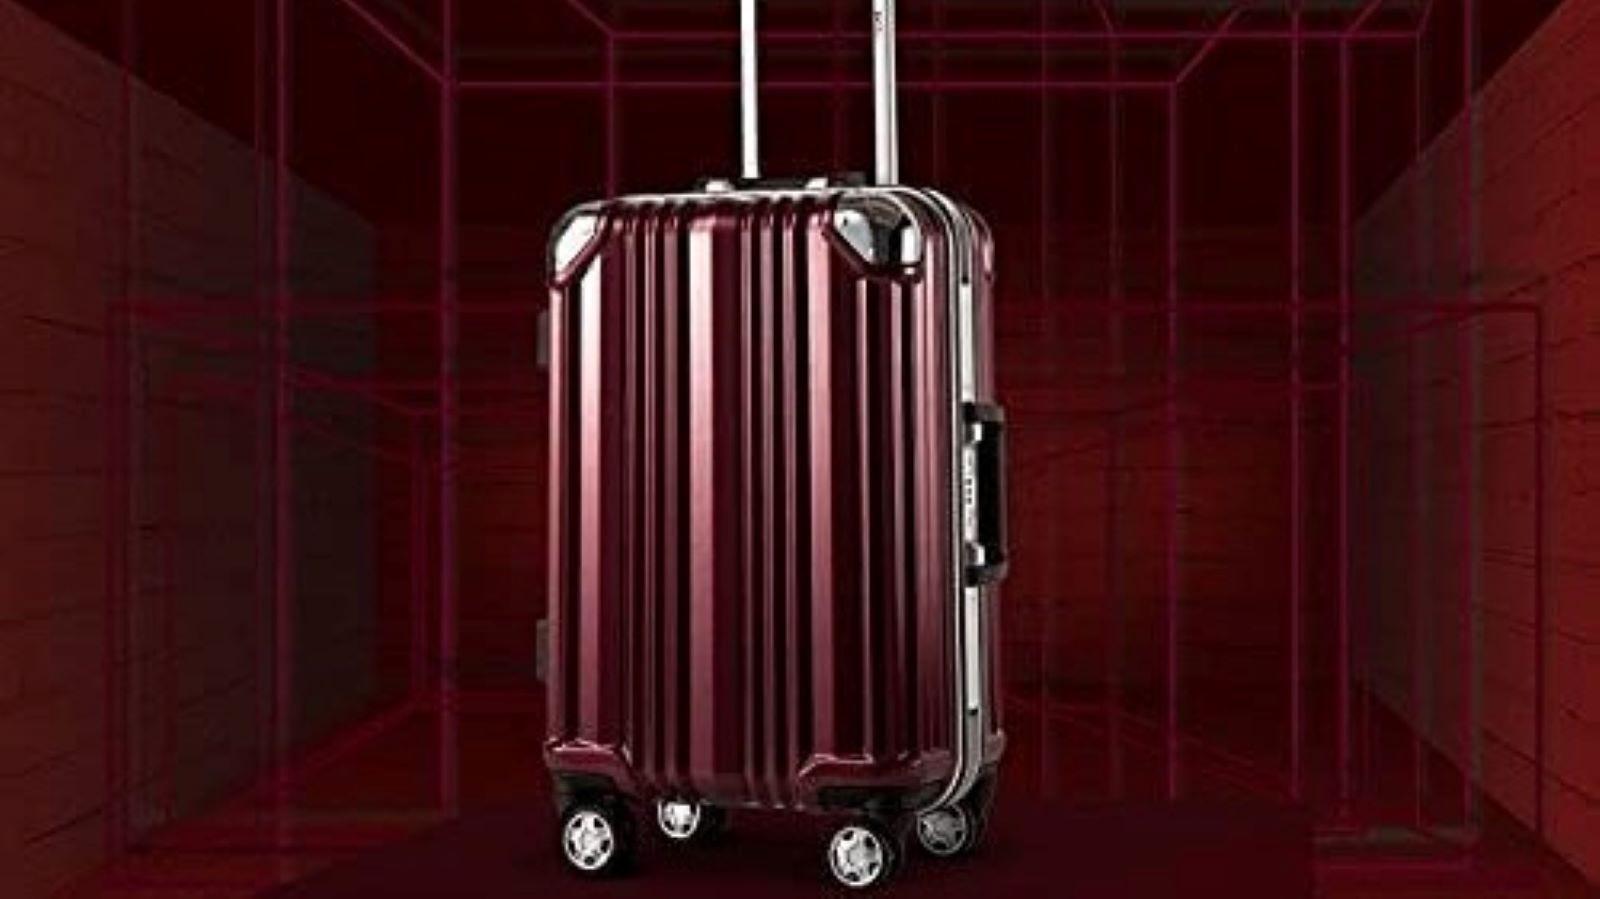 The Coolife aluminium-frame suitcase in wine.